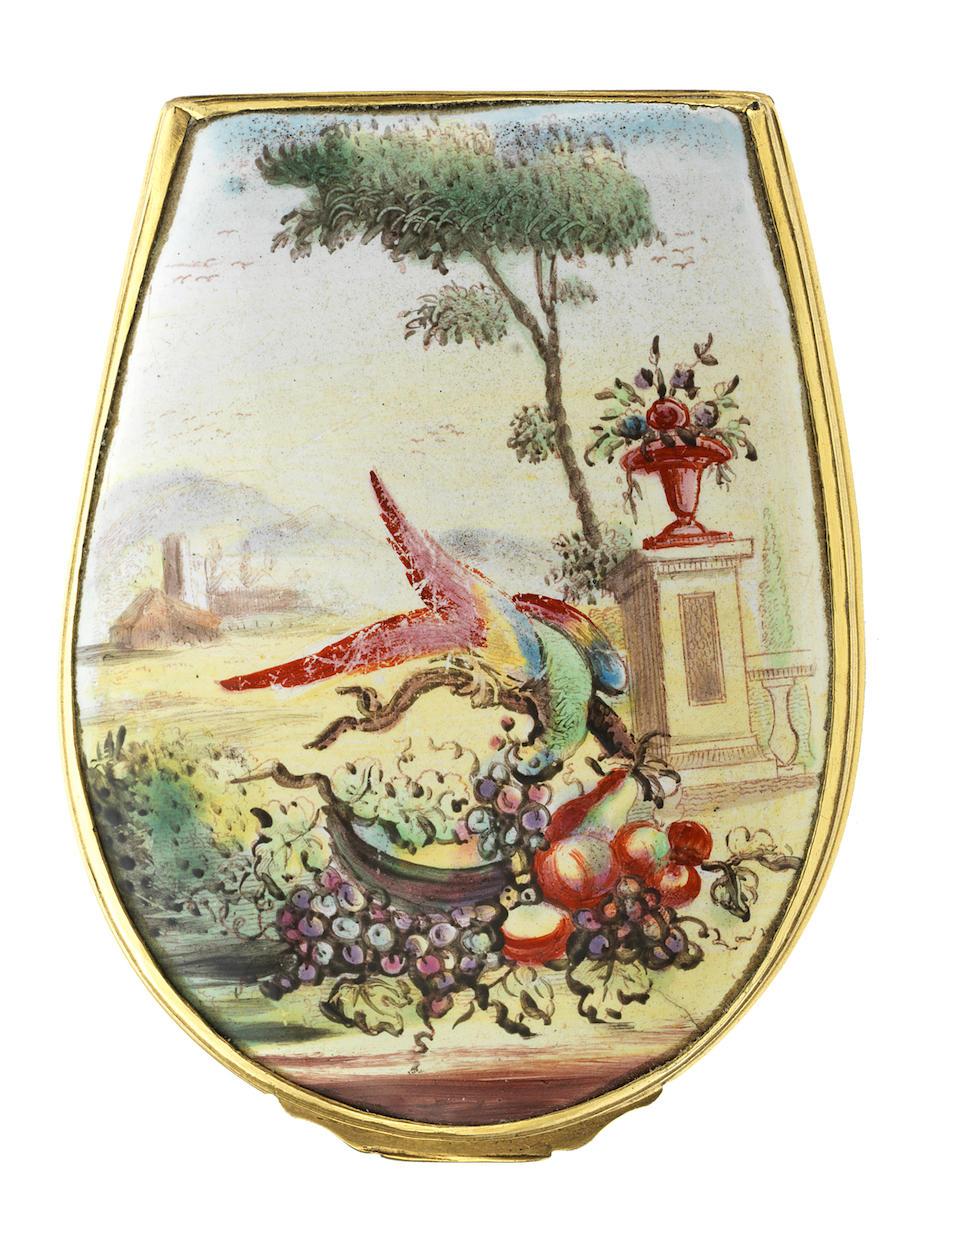 A fine Birmingham or South Staffordshire enamel bonbonnière, circa 1760